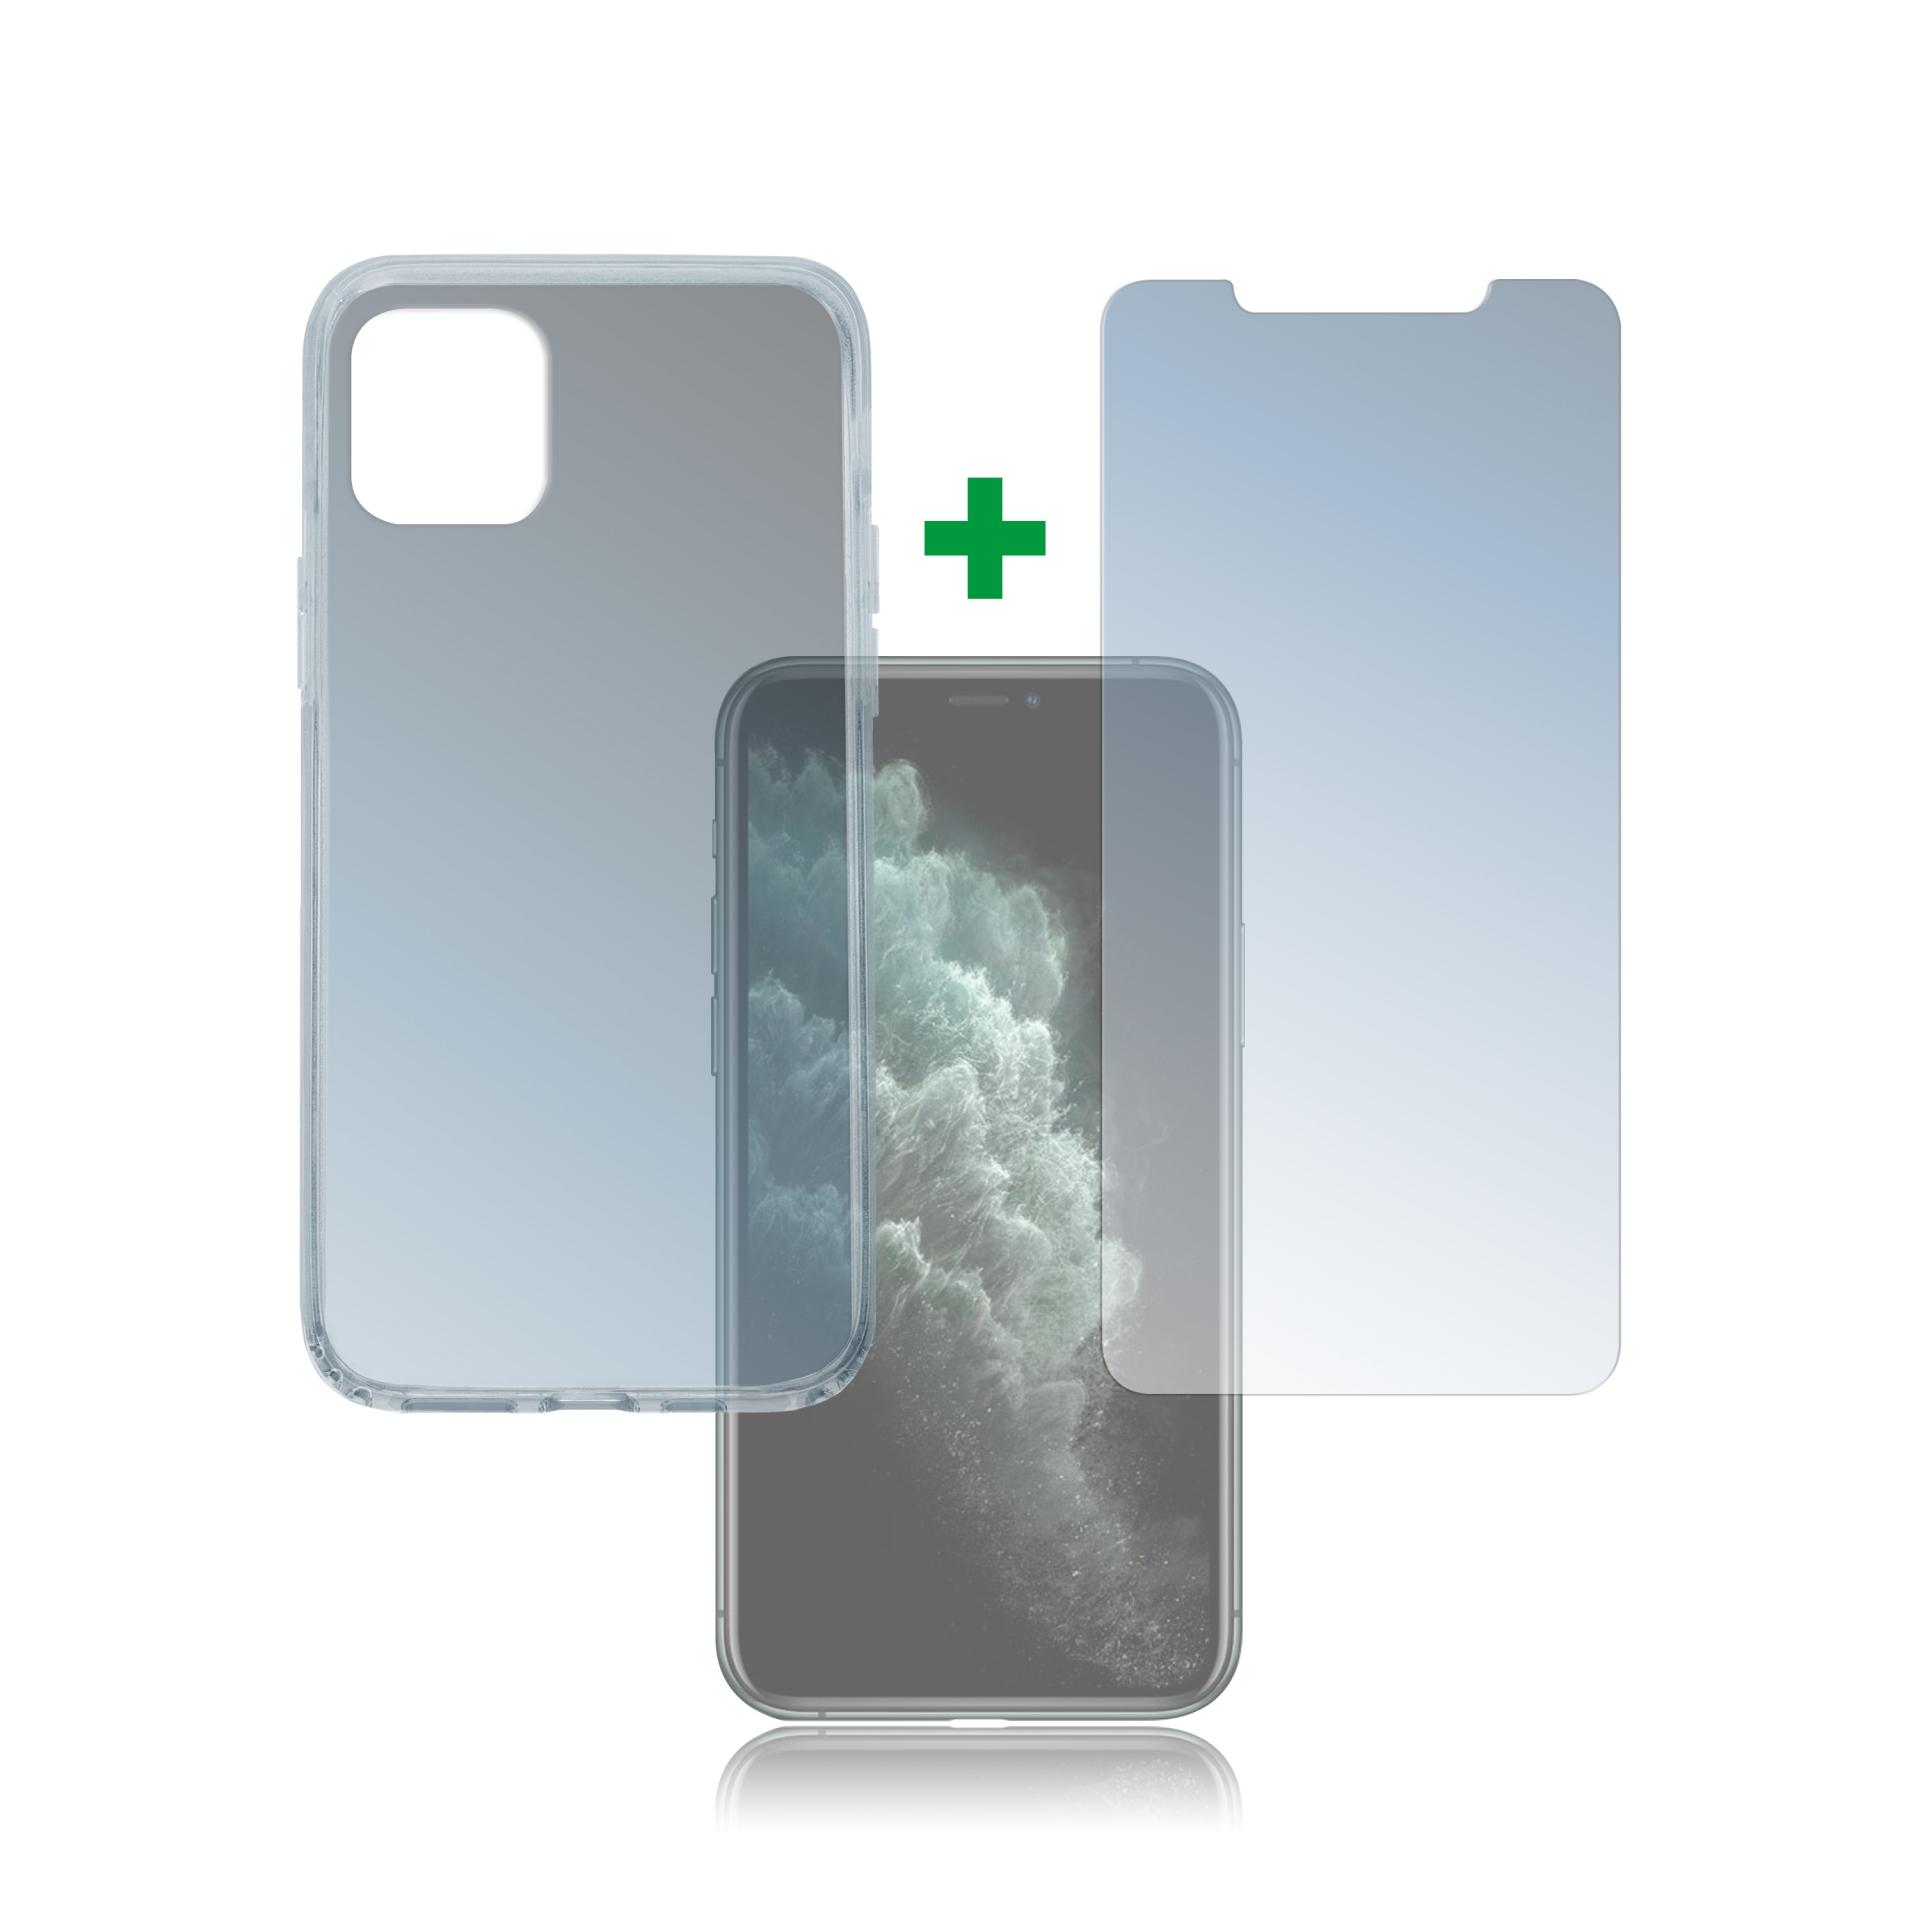 4smarts 360° Protection Set — тънък силиконов кейс и стъклено защитно покритие за дисплея на iPhone 11 Pro Max (прозрачен) - 1